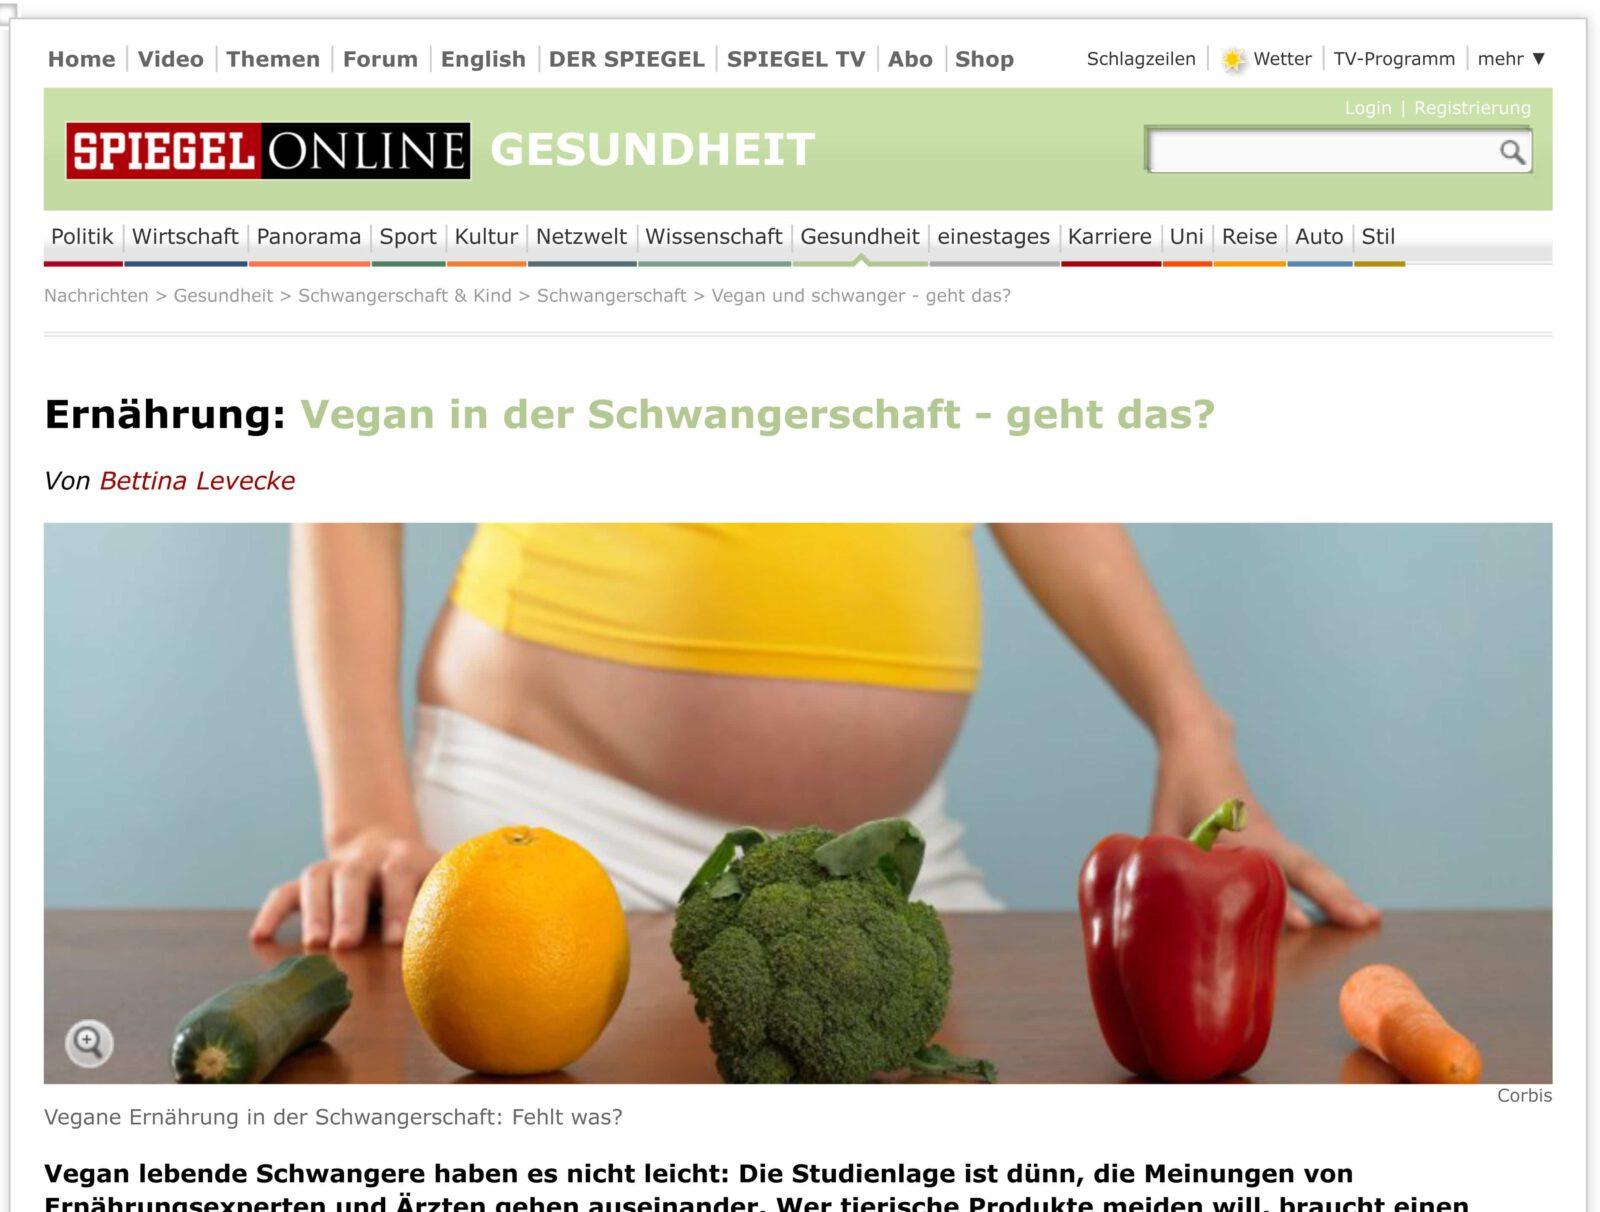 Vegan und schwanger - geht das? - SPIEGEL ONLINE-1